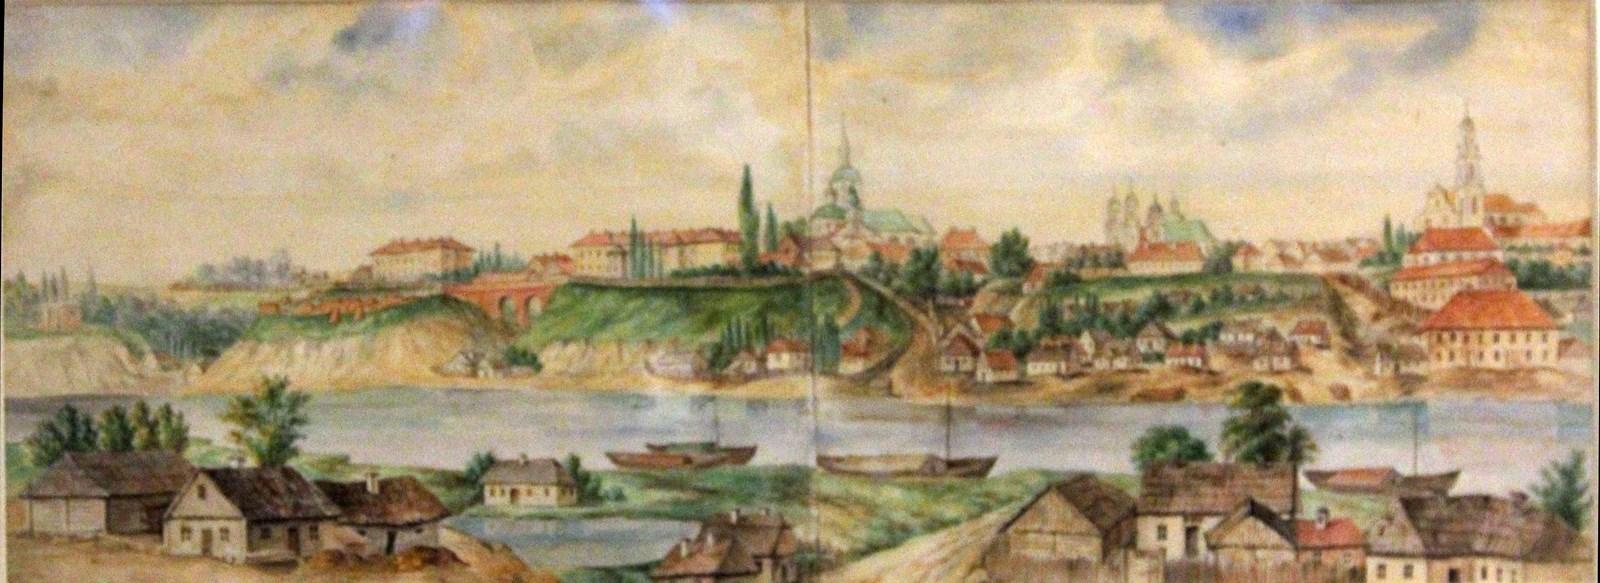 Орда Наполеон. 1807-1883 Гродно. Панорама. 1861-1869 Рисунок карандашом, подправленный акварелью Национальный музей в Кракове